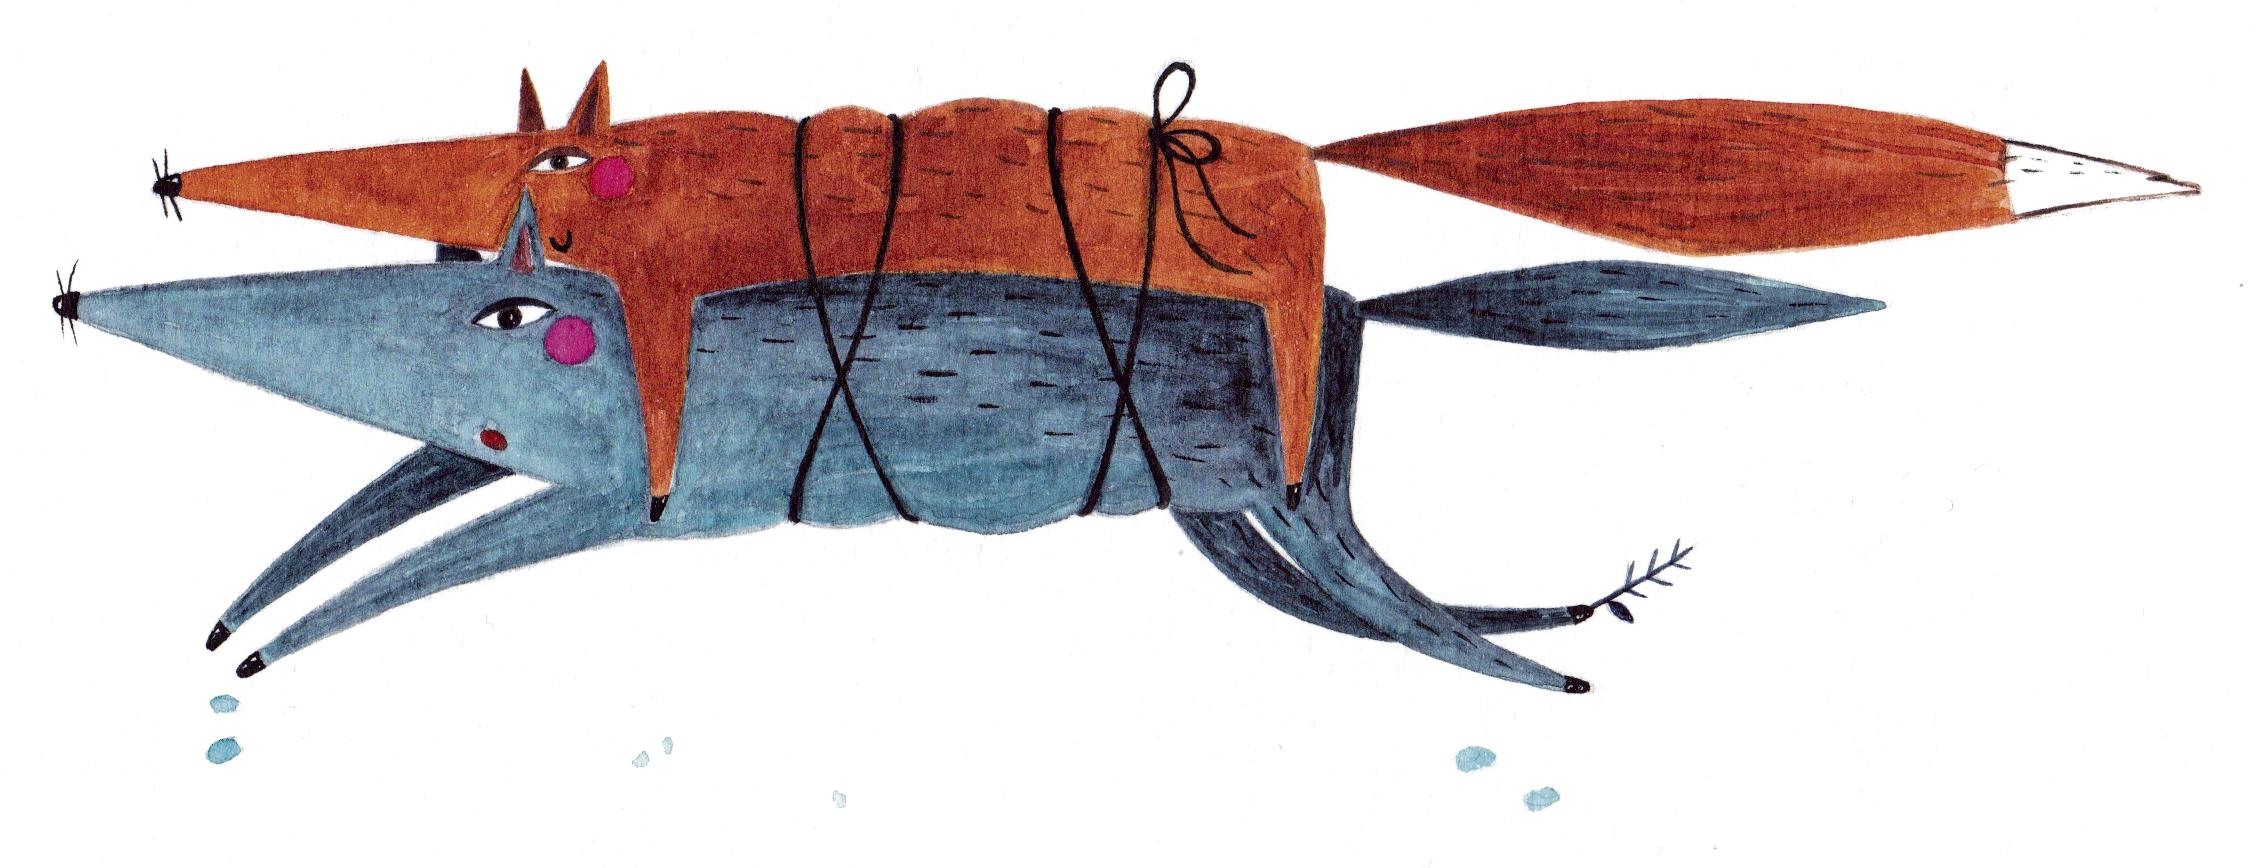 Image 39